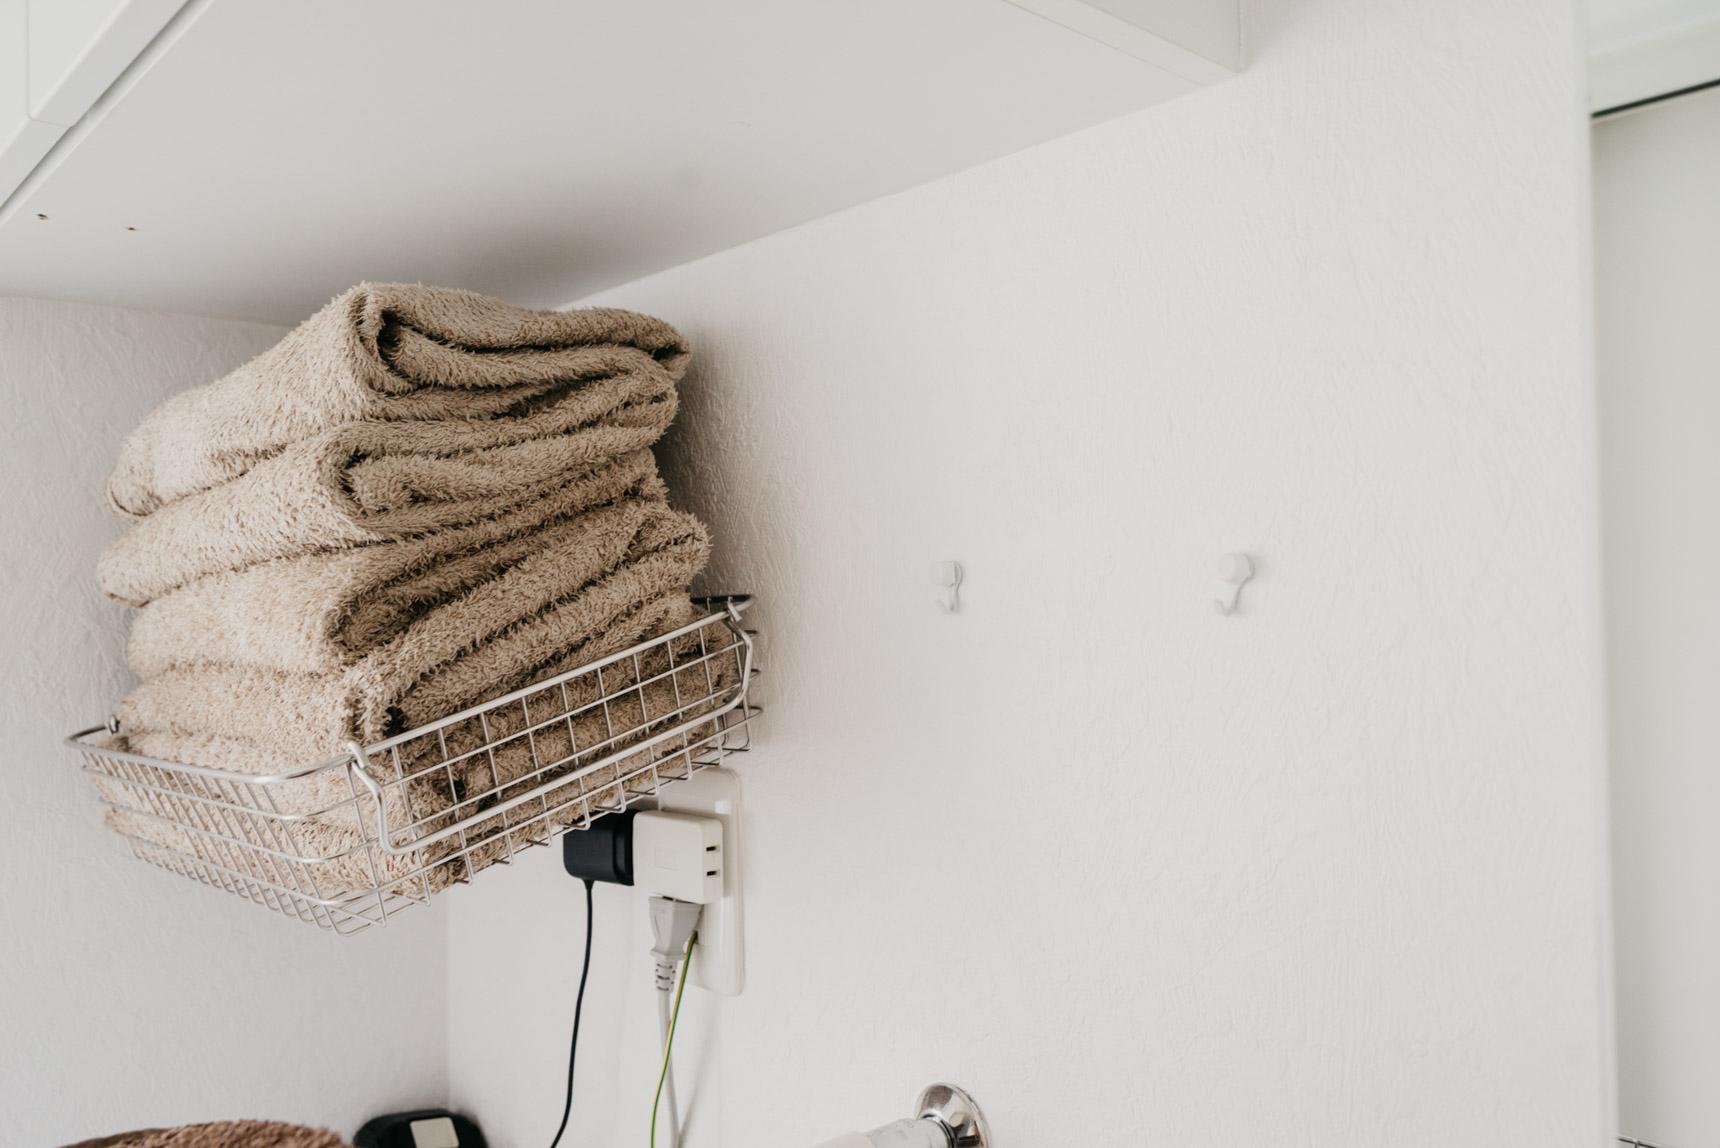 タオル置き場は、賃貸OKのフックに無印良品のステンレスワイヤーバスケットを引っ掛けて作られていました。これは真似したいアイディア。